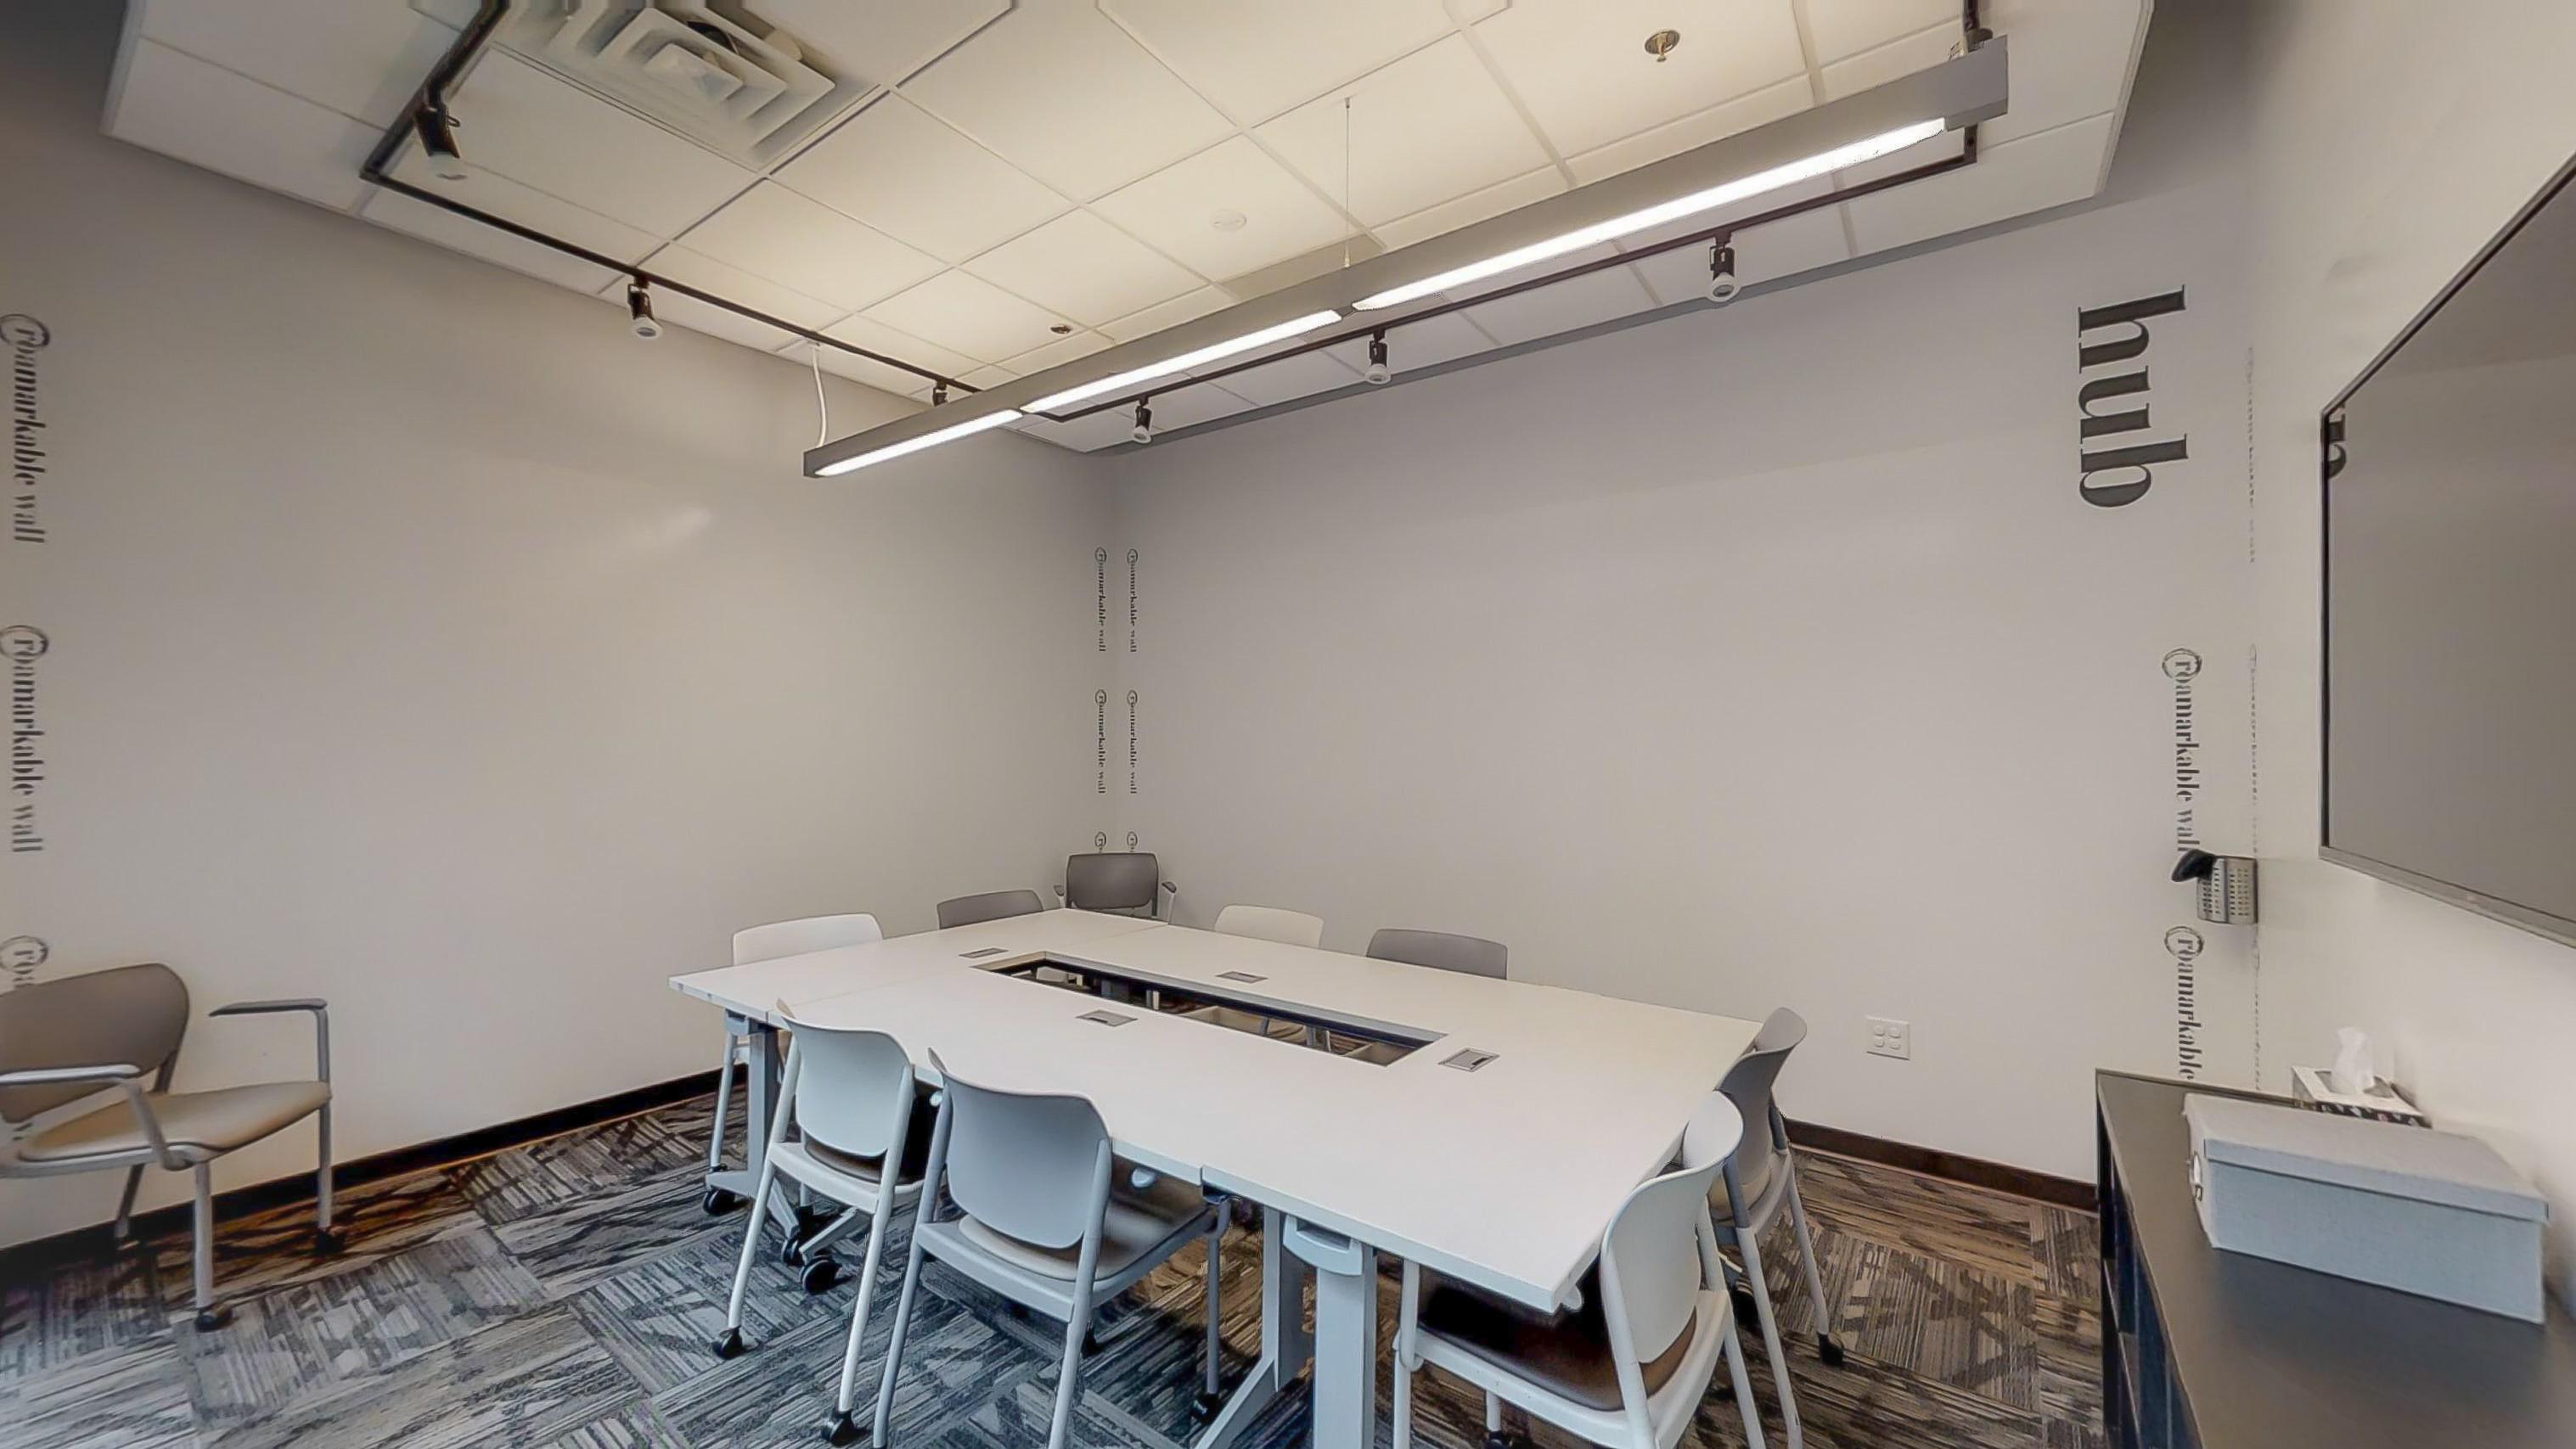 Meeting room for 10 people in Atlanta, GA at Roam Galleria